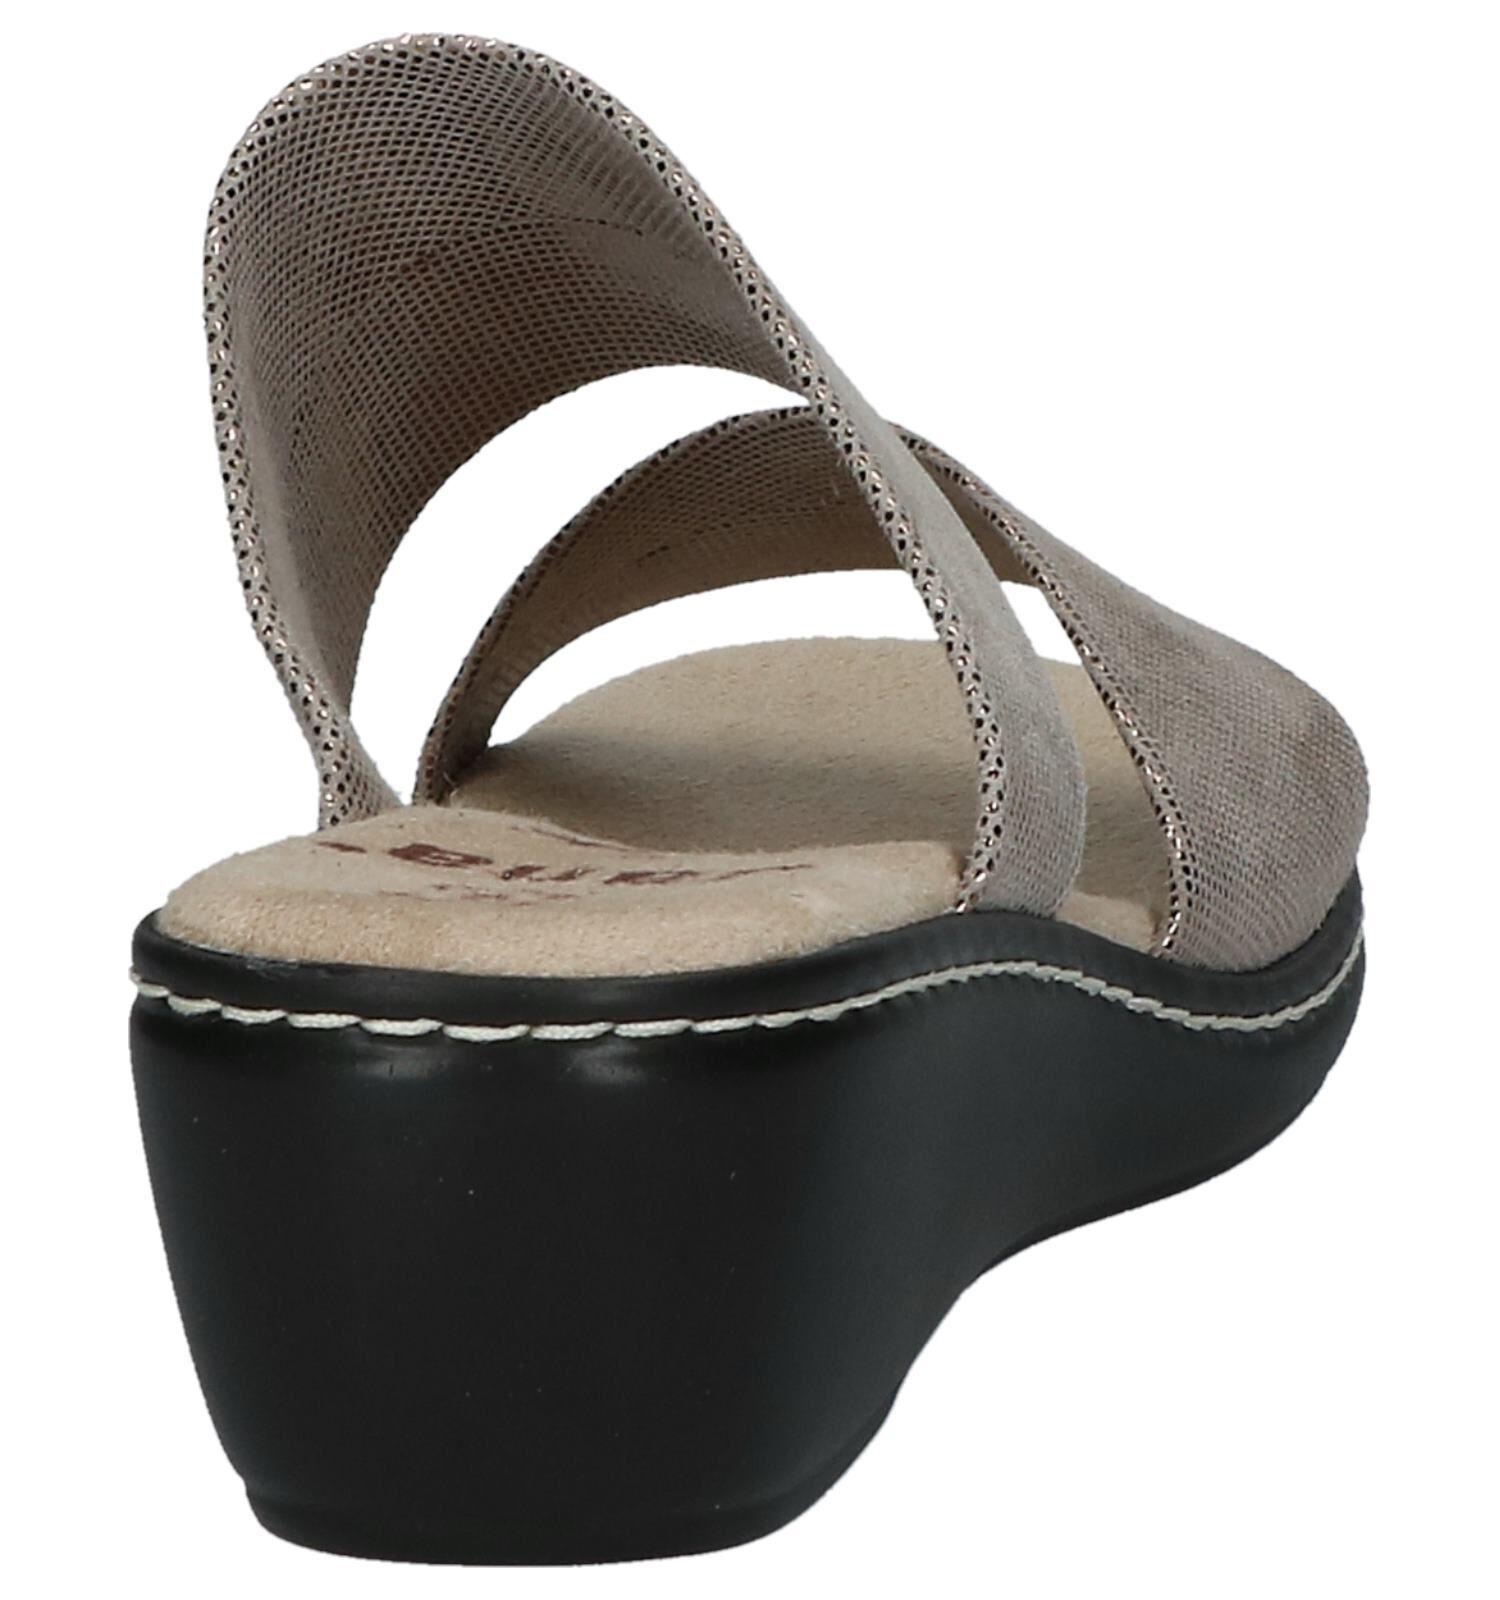 vans schoenen emmeloord